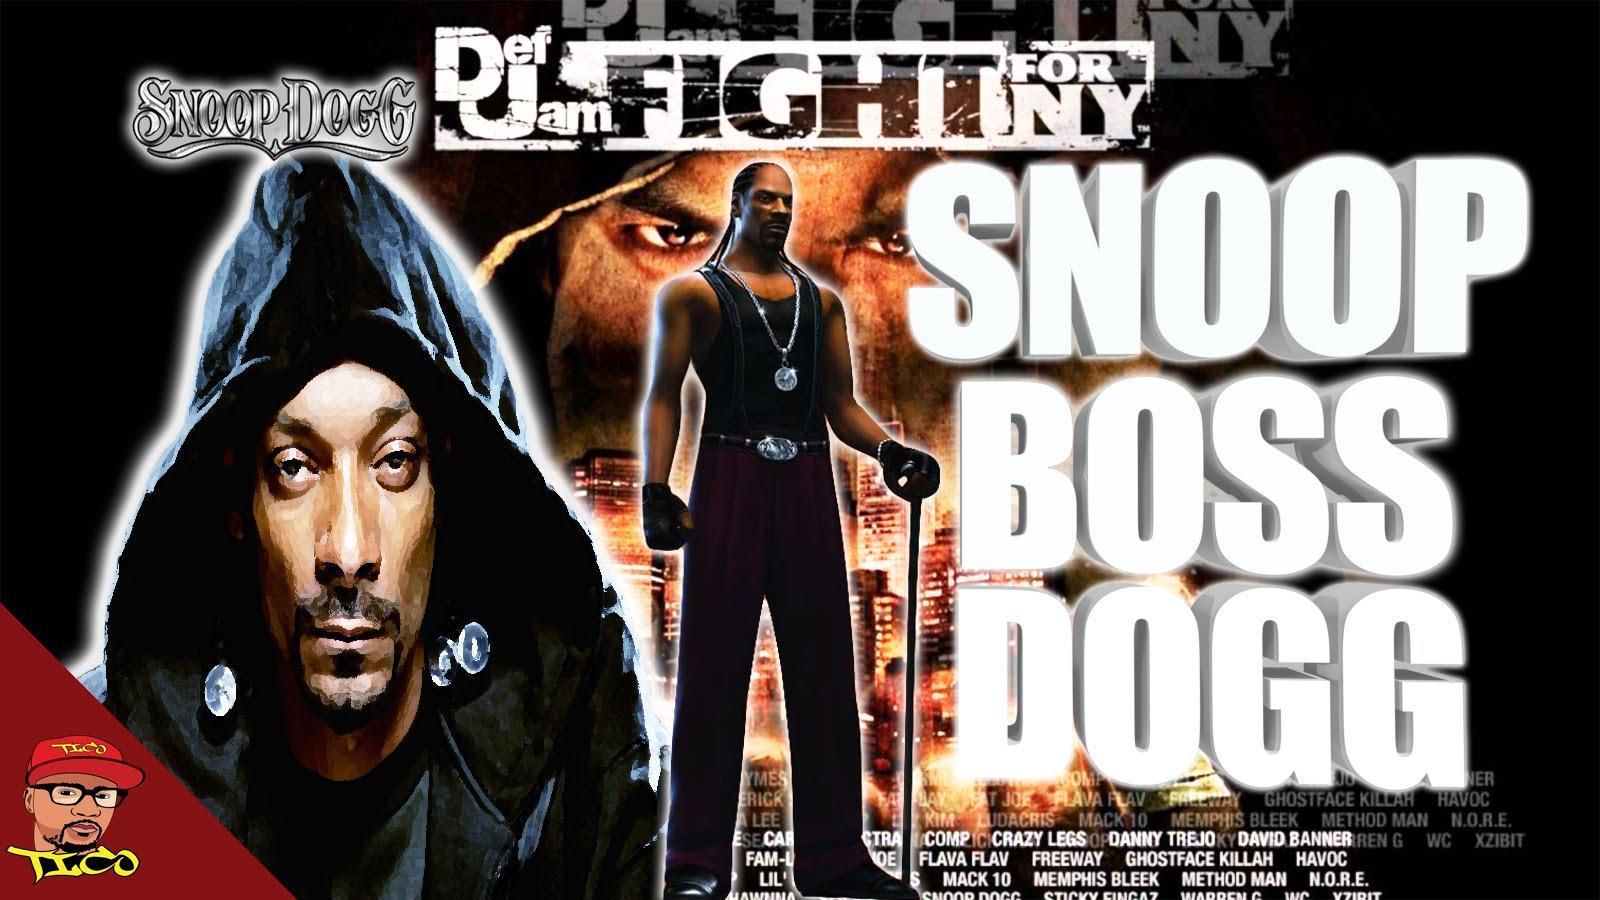 说唱大佬Snoop Dogg